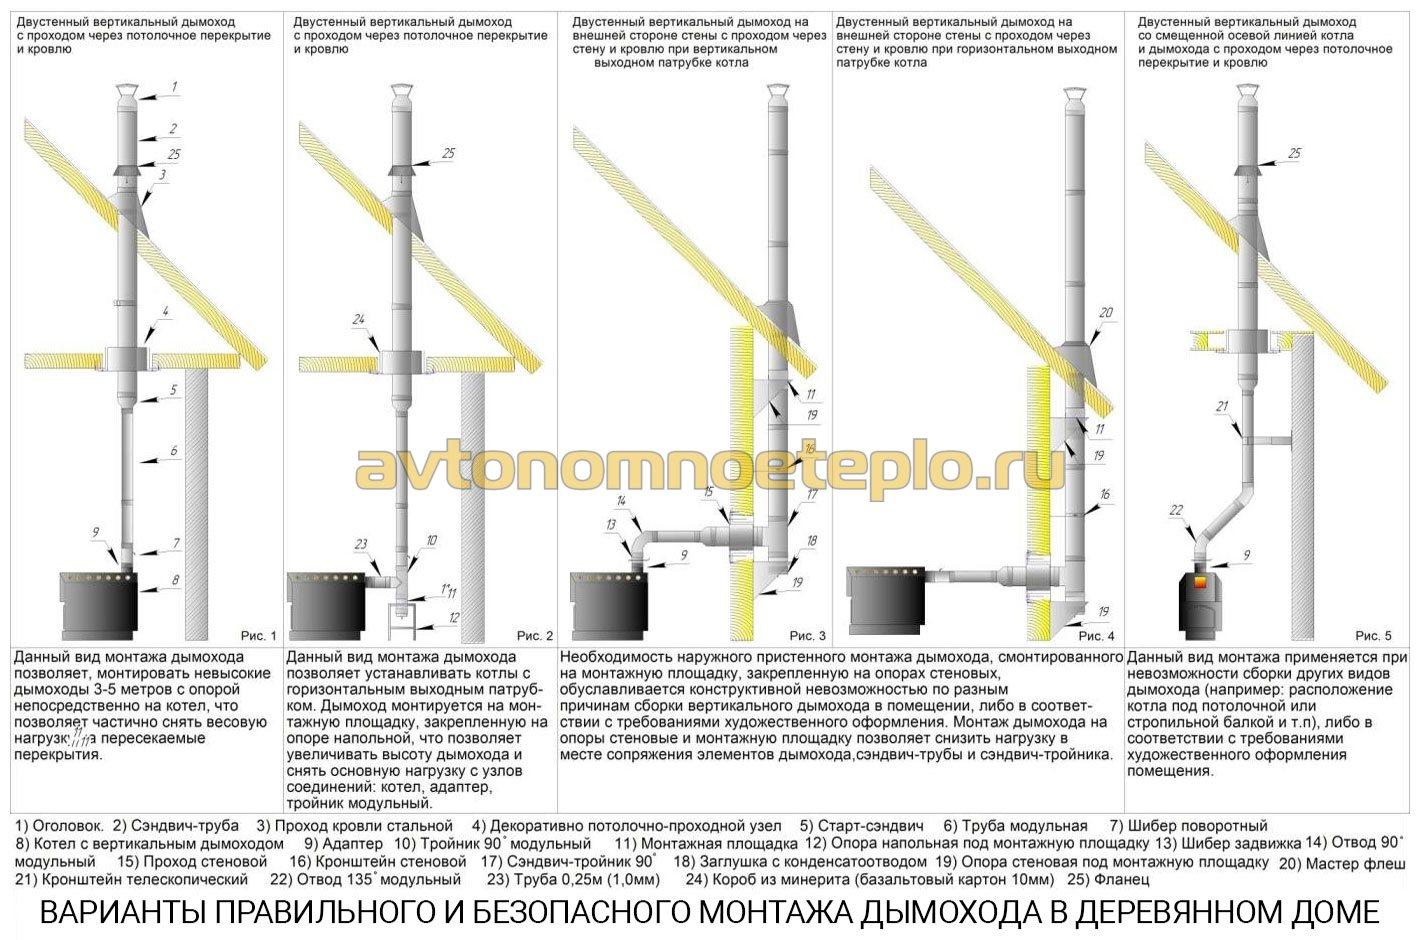 Допуск на вертикальность при строительстве дымохода дымоход в чудо печи